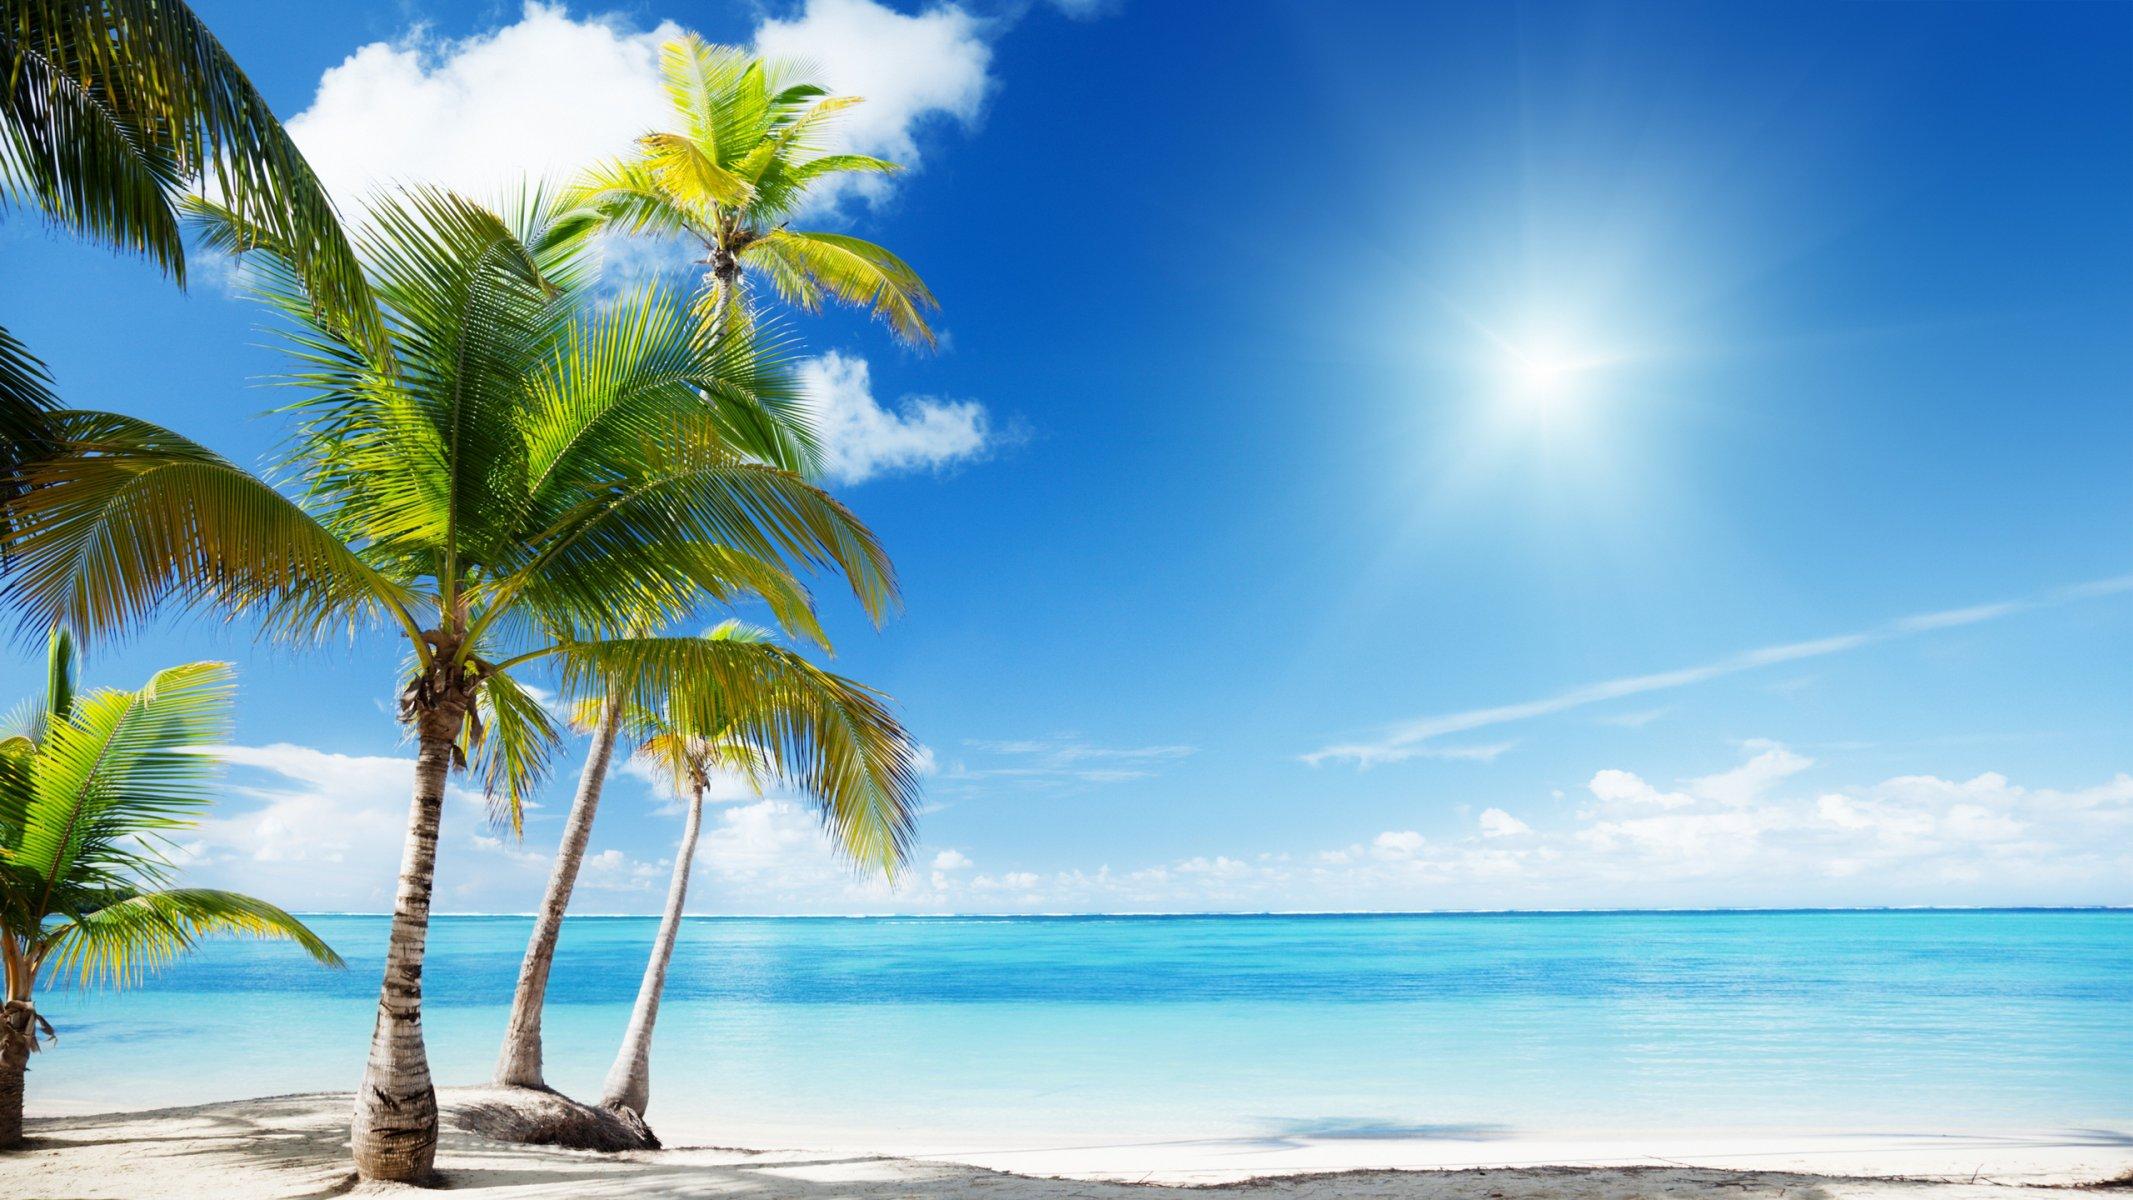 природа песок пляж дома море пальмы бесплатно